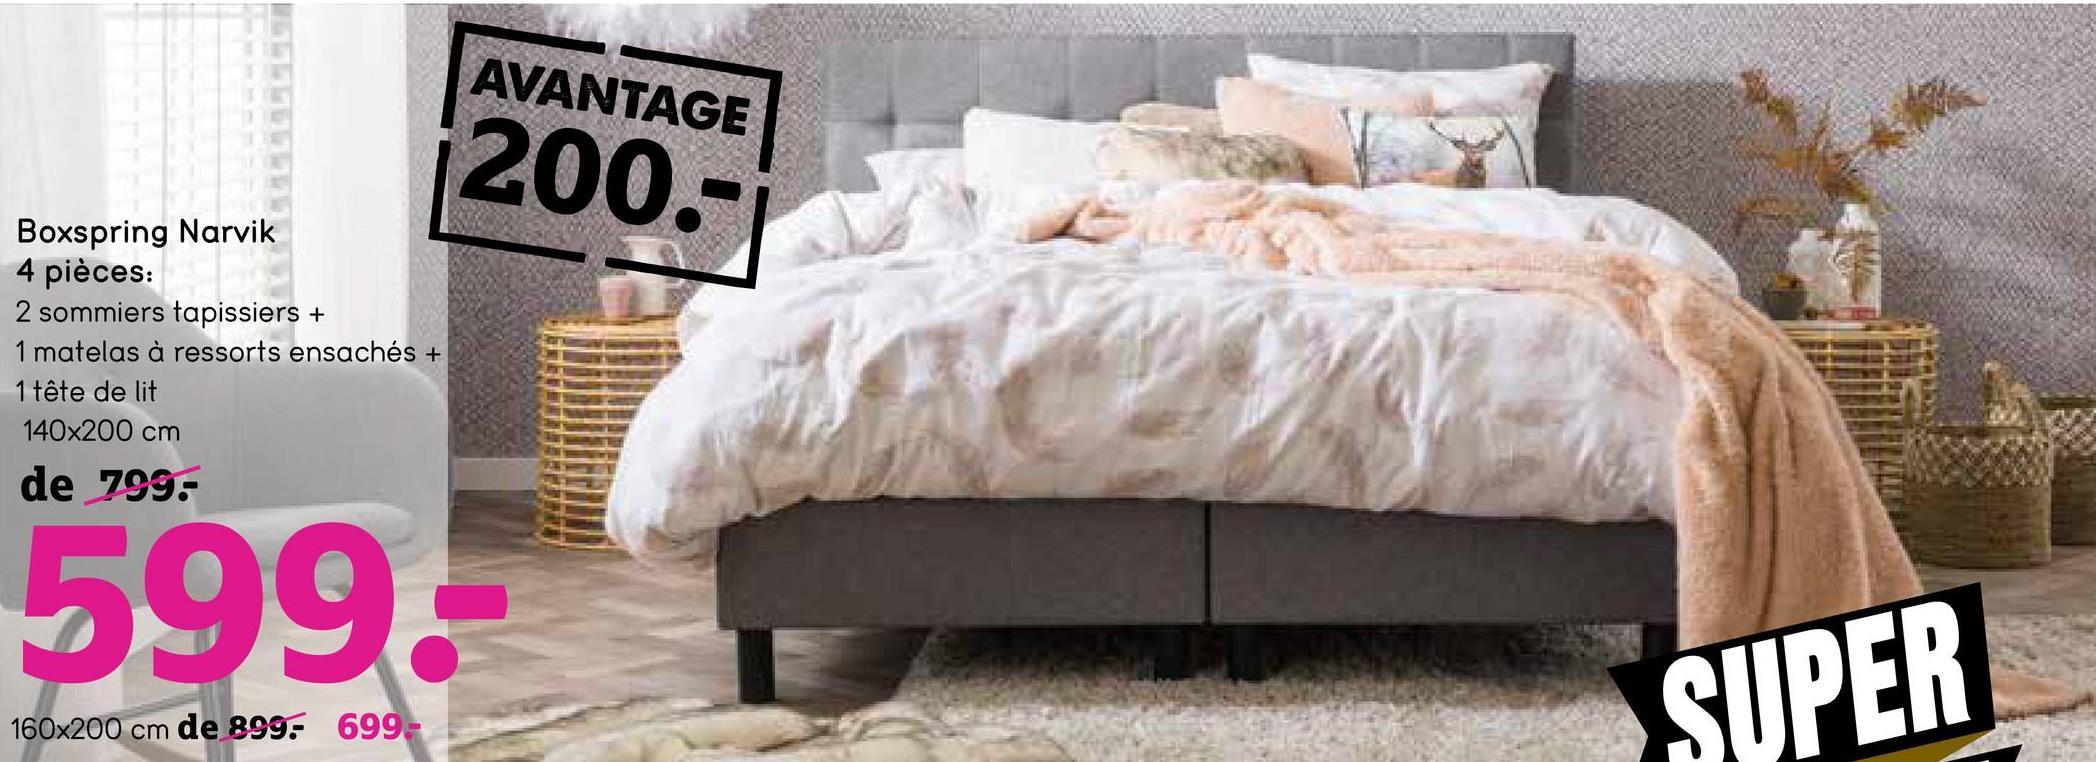 Boxspring Narvik - gris - 160x200 cm - Leen Bakker Le boxspring Narvik est un lit confortable au look élégant. Ce lit consiste dans 2 sommiers avec chacun des dimensions de 80x200 cm, 1 matelas à ressorts ensachés de 160x200 cm et une tête de lit. Bref, un lit complet.